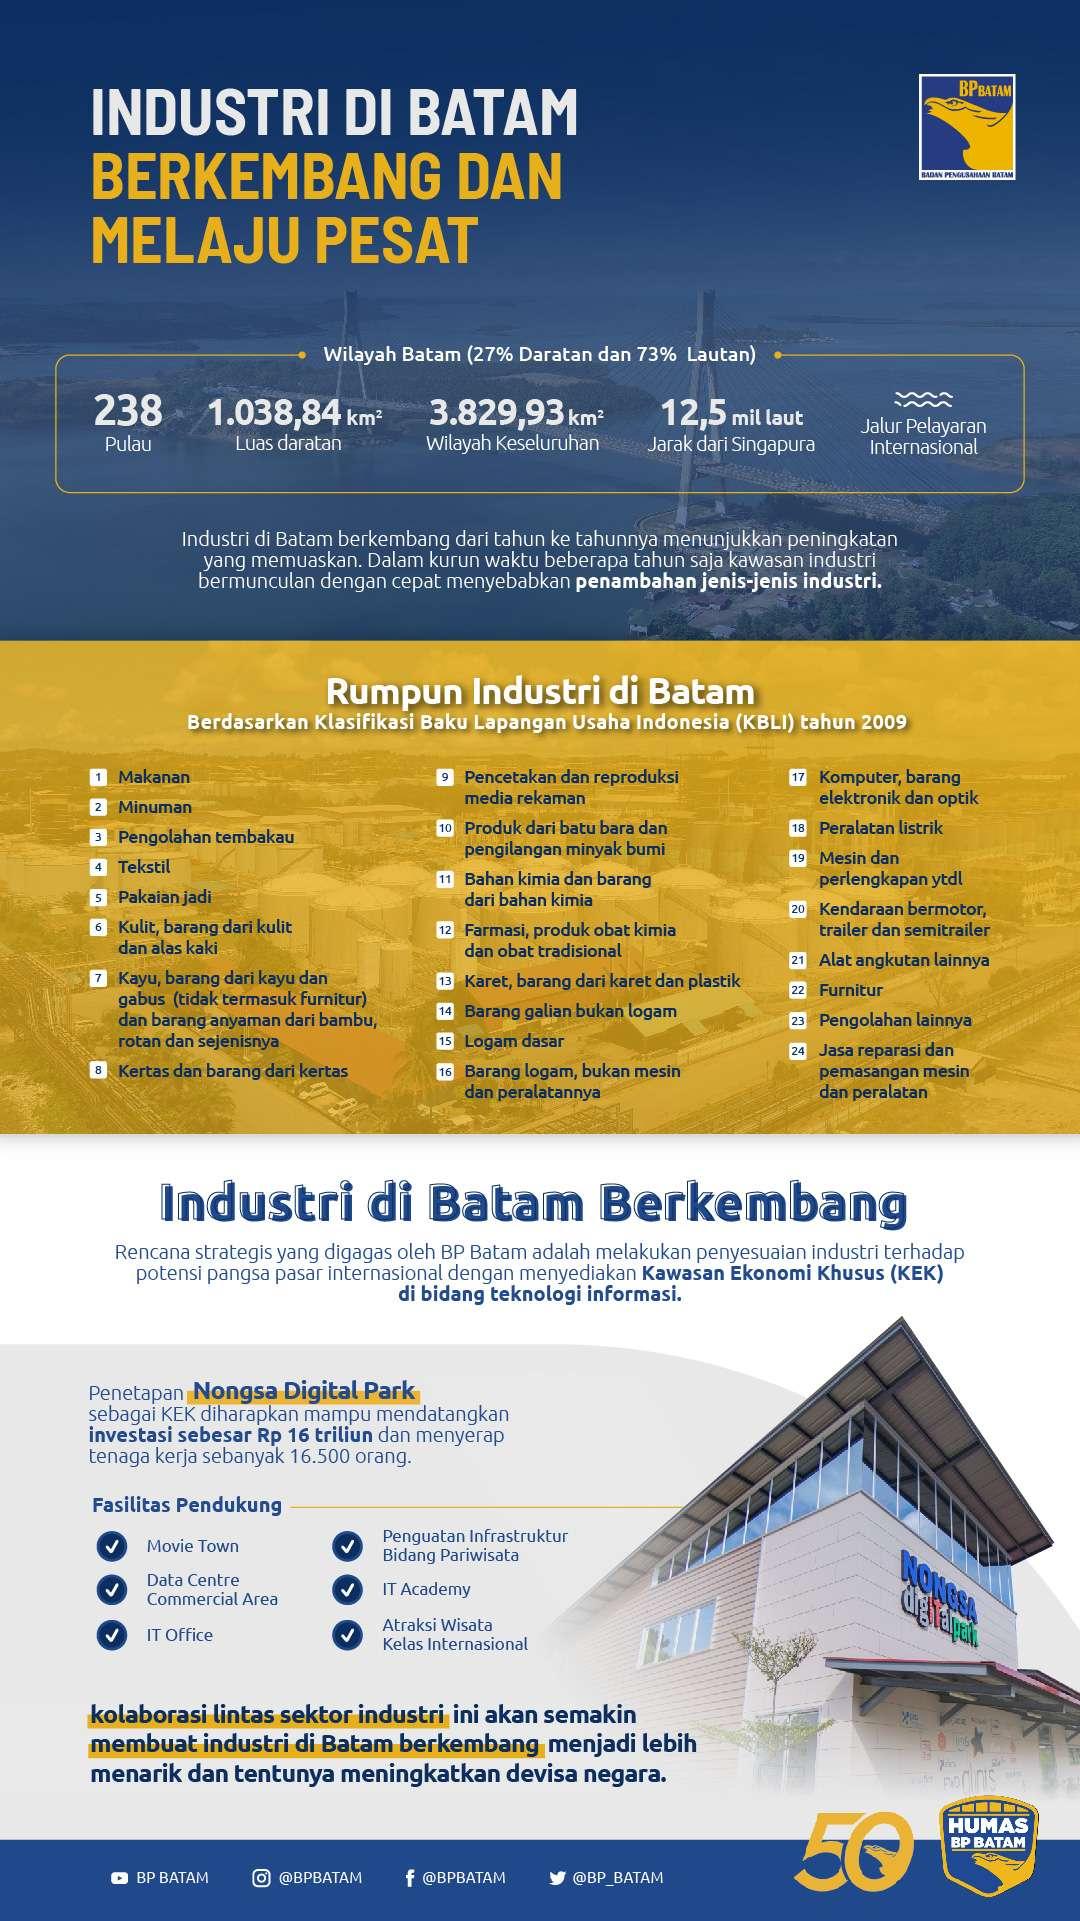 Industri di Batam Berkembang dan Melaju Pesat (Infografis)